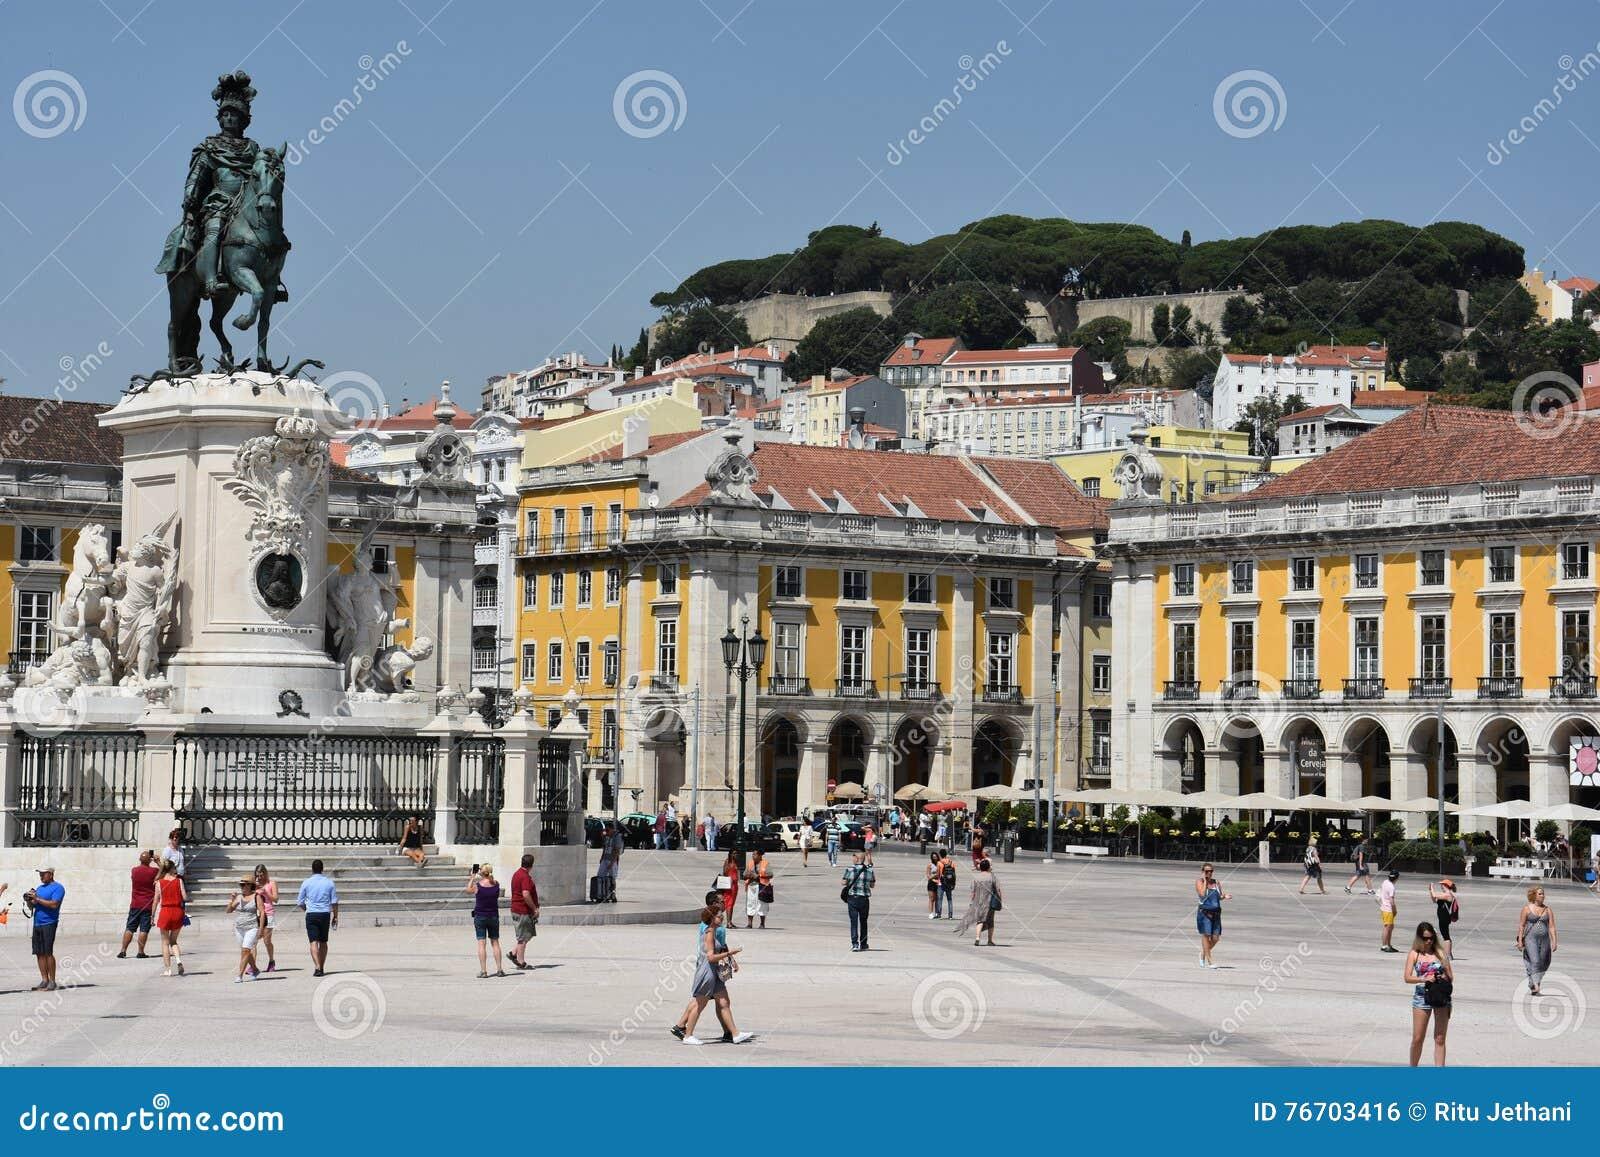 Praca fa Comercio a Lisbona, Portogallo